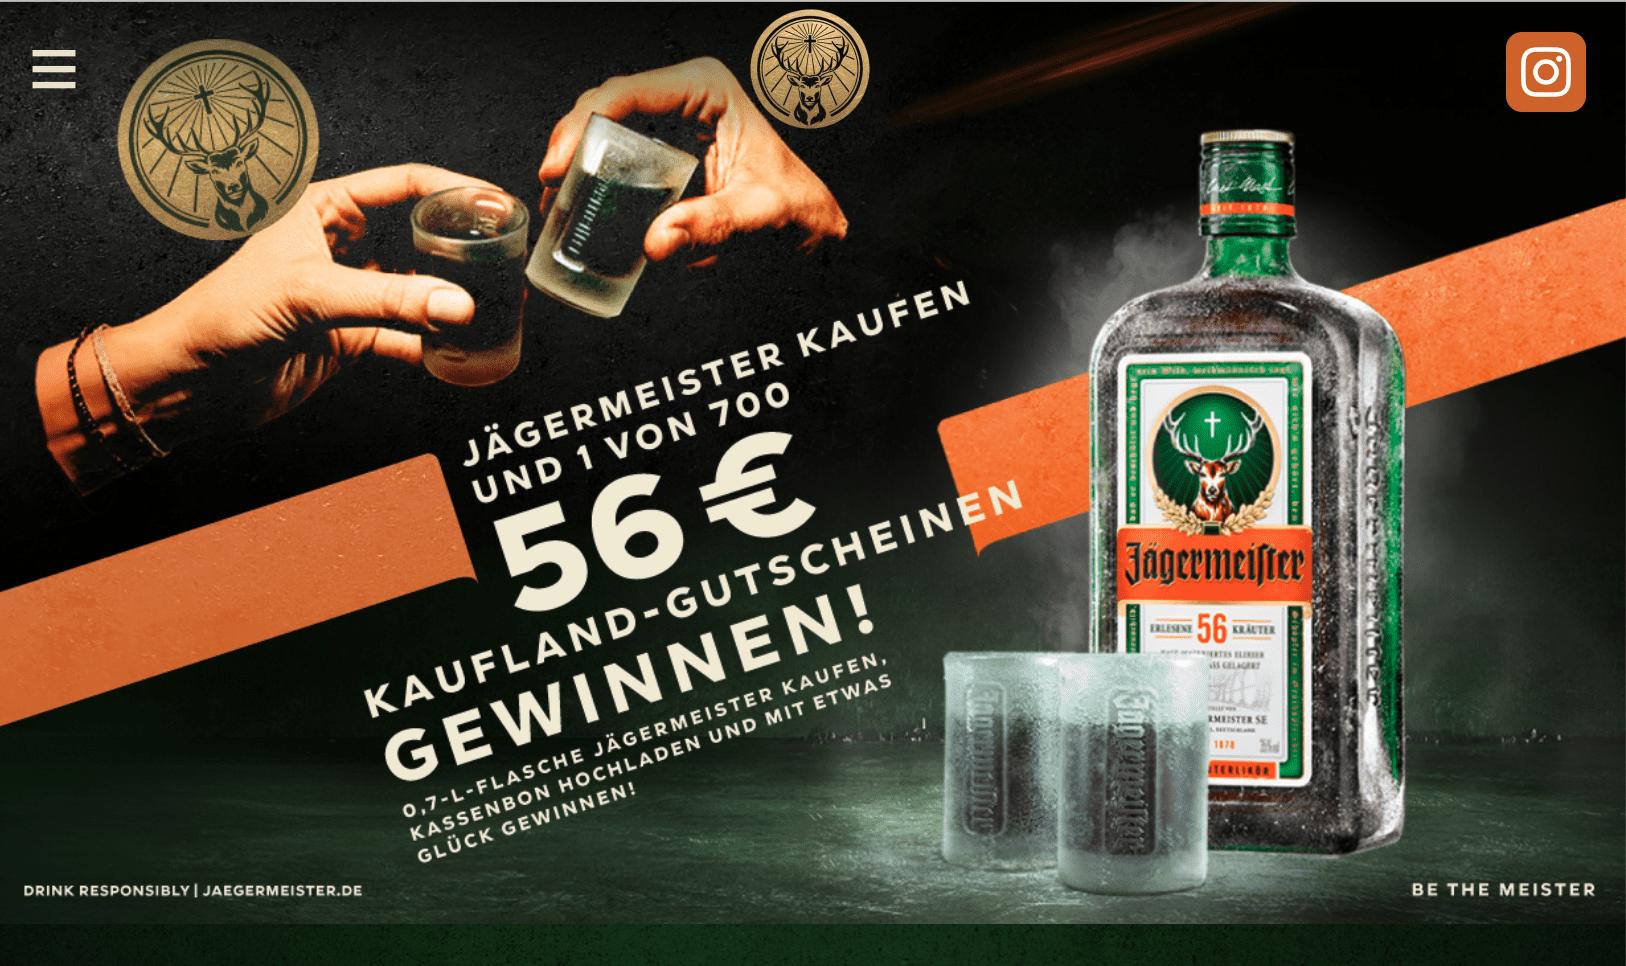 Jägermeister Gewinnspiel-Cases FMCG Getränke